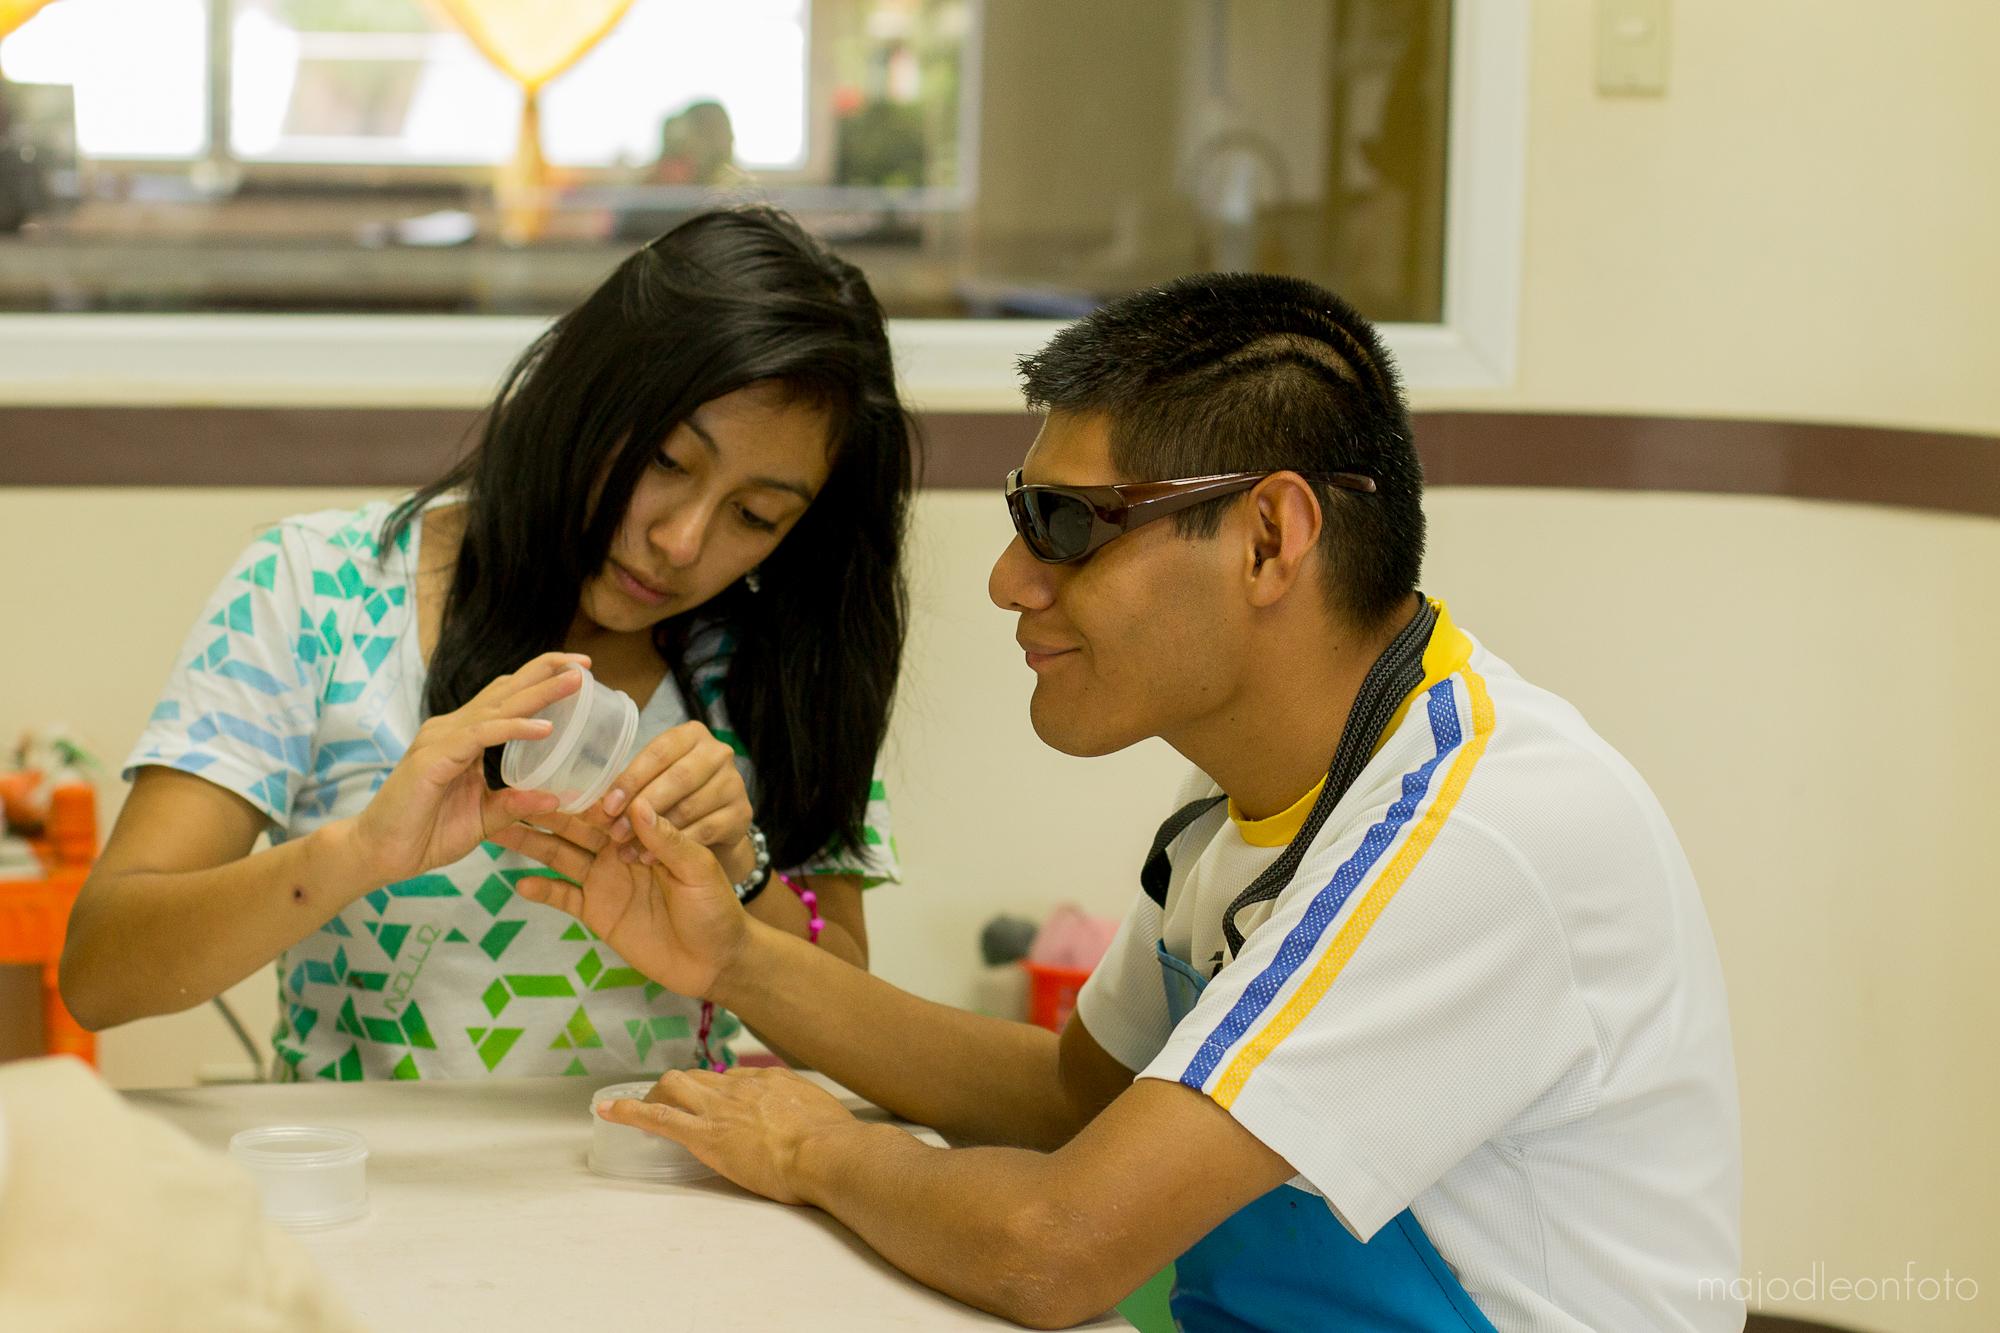 La función de Fundal es brindar atención personalizada a niños y adolescentes con discapacidad. (Foto Prensa Libre: Cortesía).